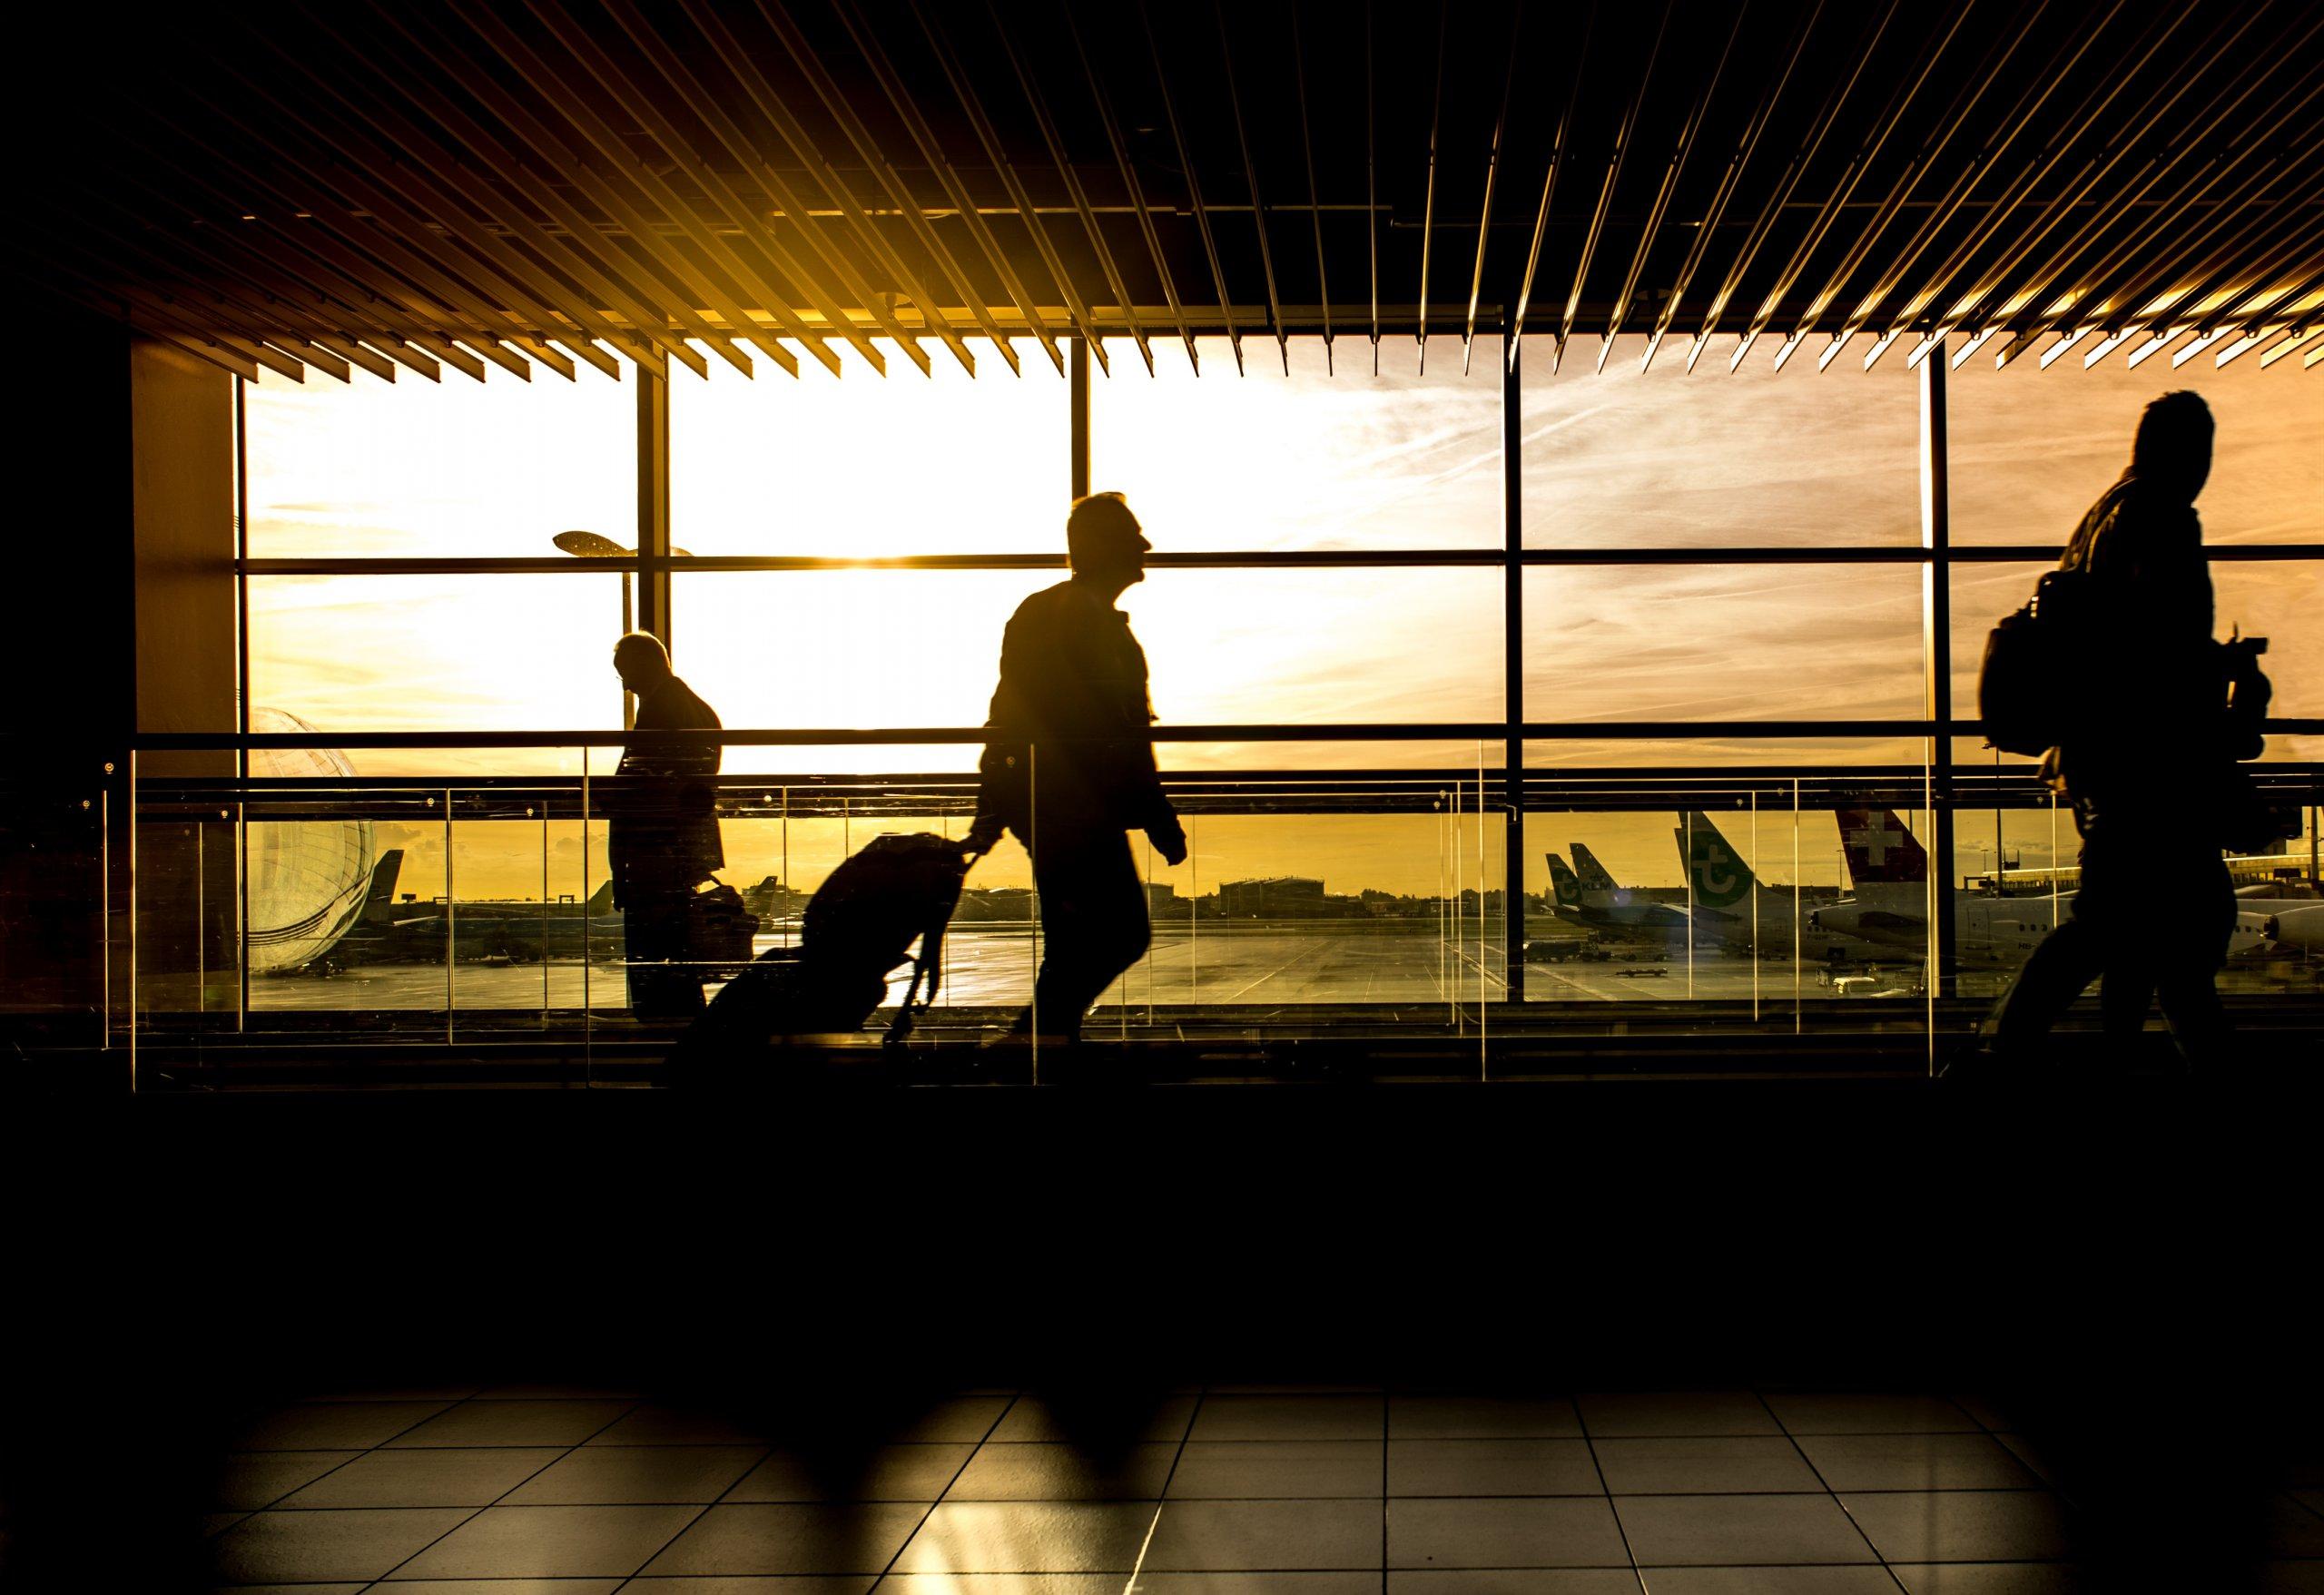 airport sunset terminal